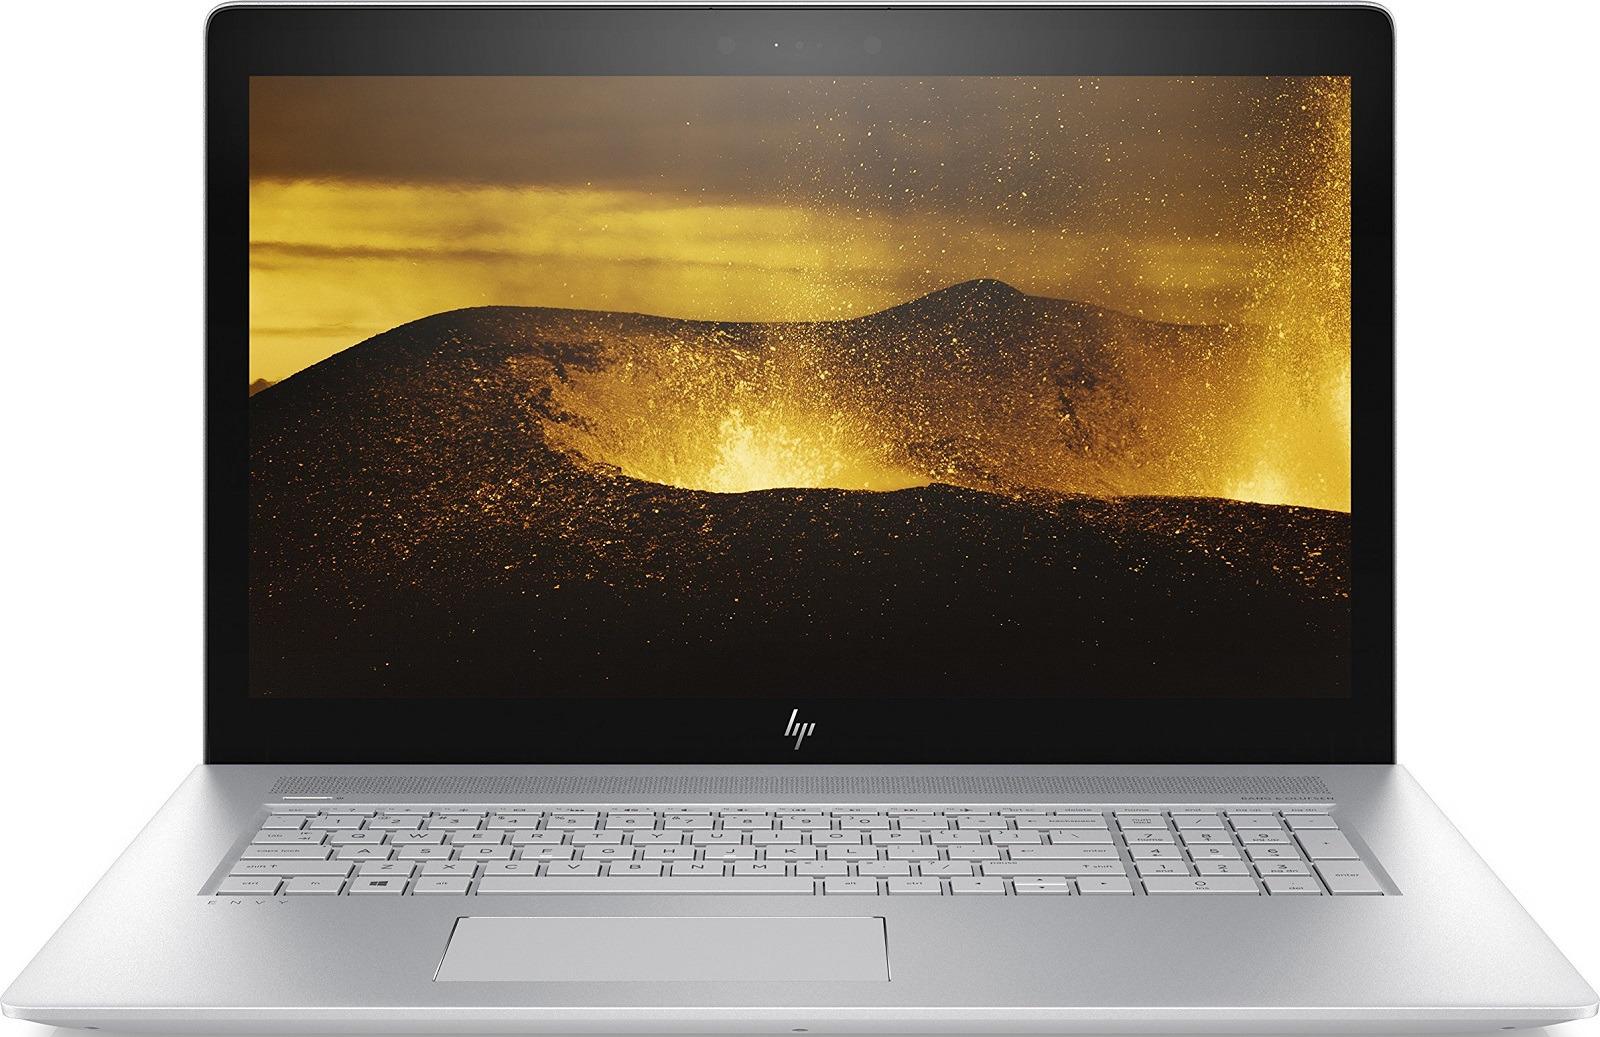 13.3 Ноутбук HP Envy 13-ad117ur 3XZ99EA, серебристый ноутбук hp envy 13 ah1007ur 5cu77ea